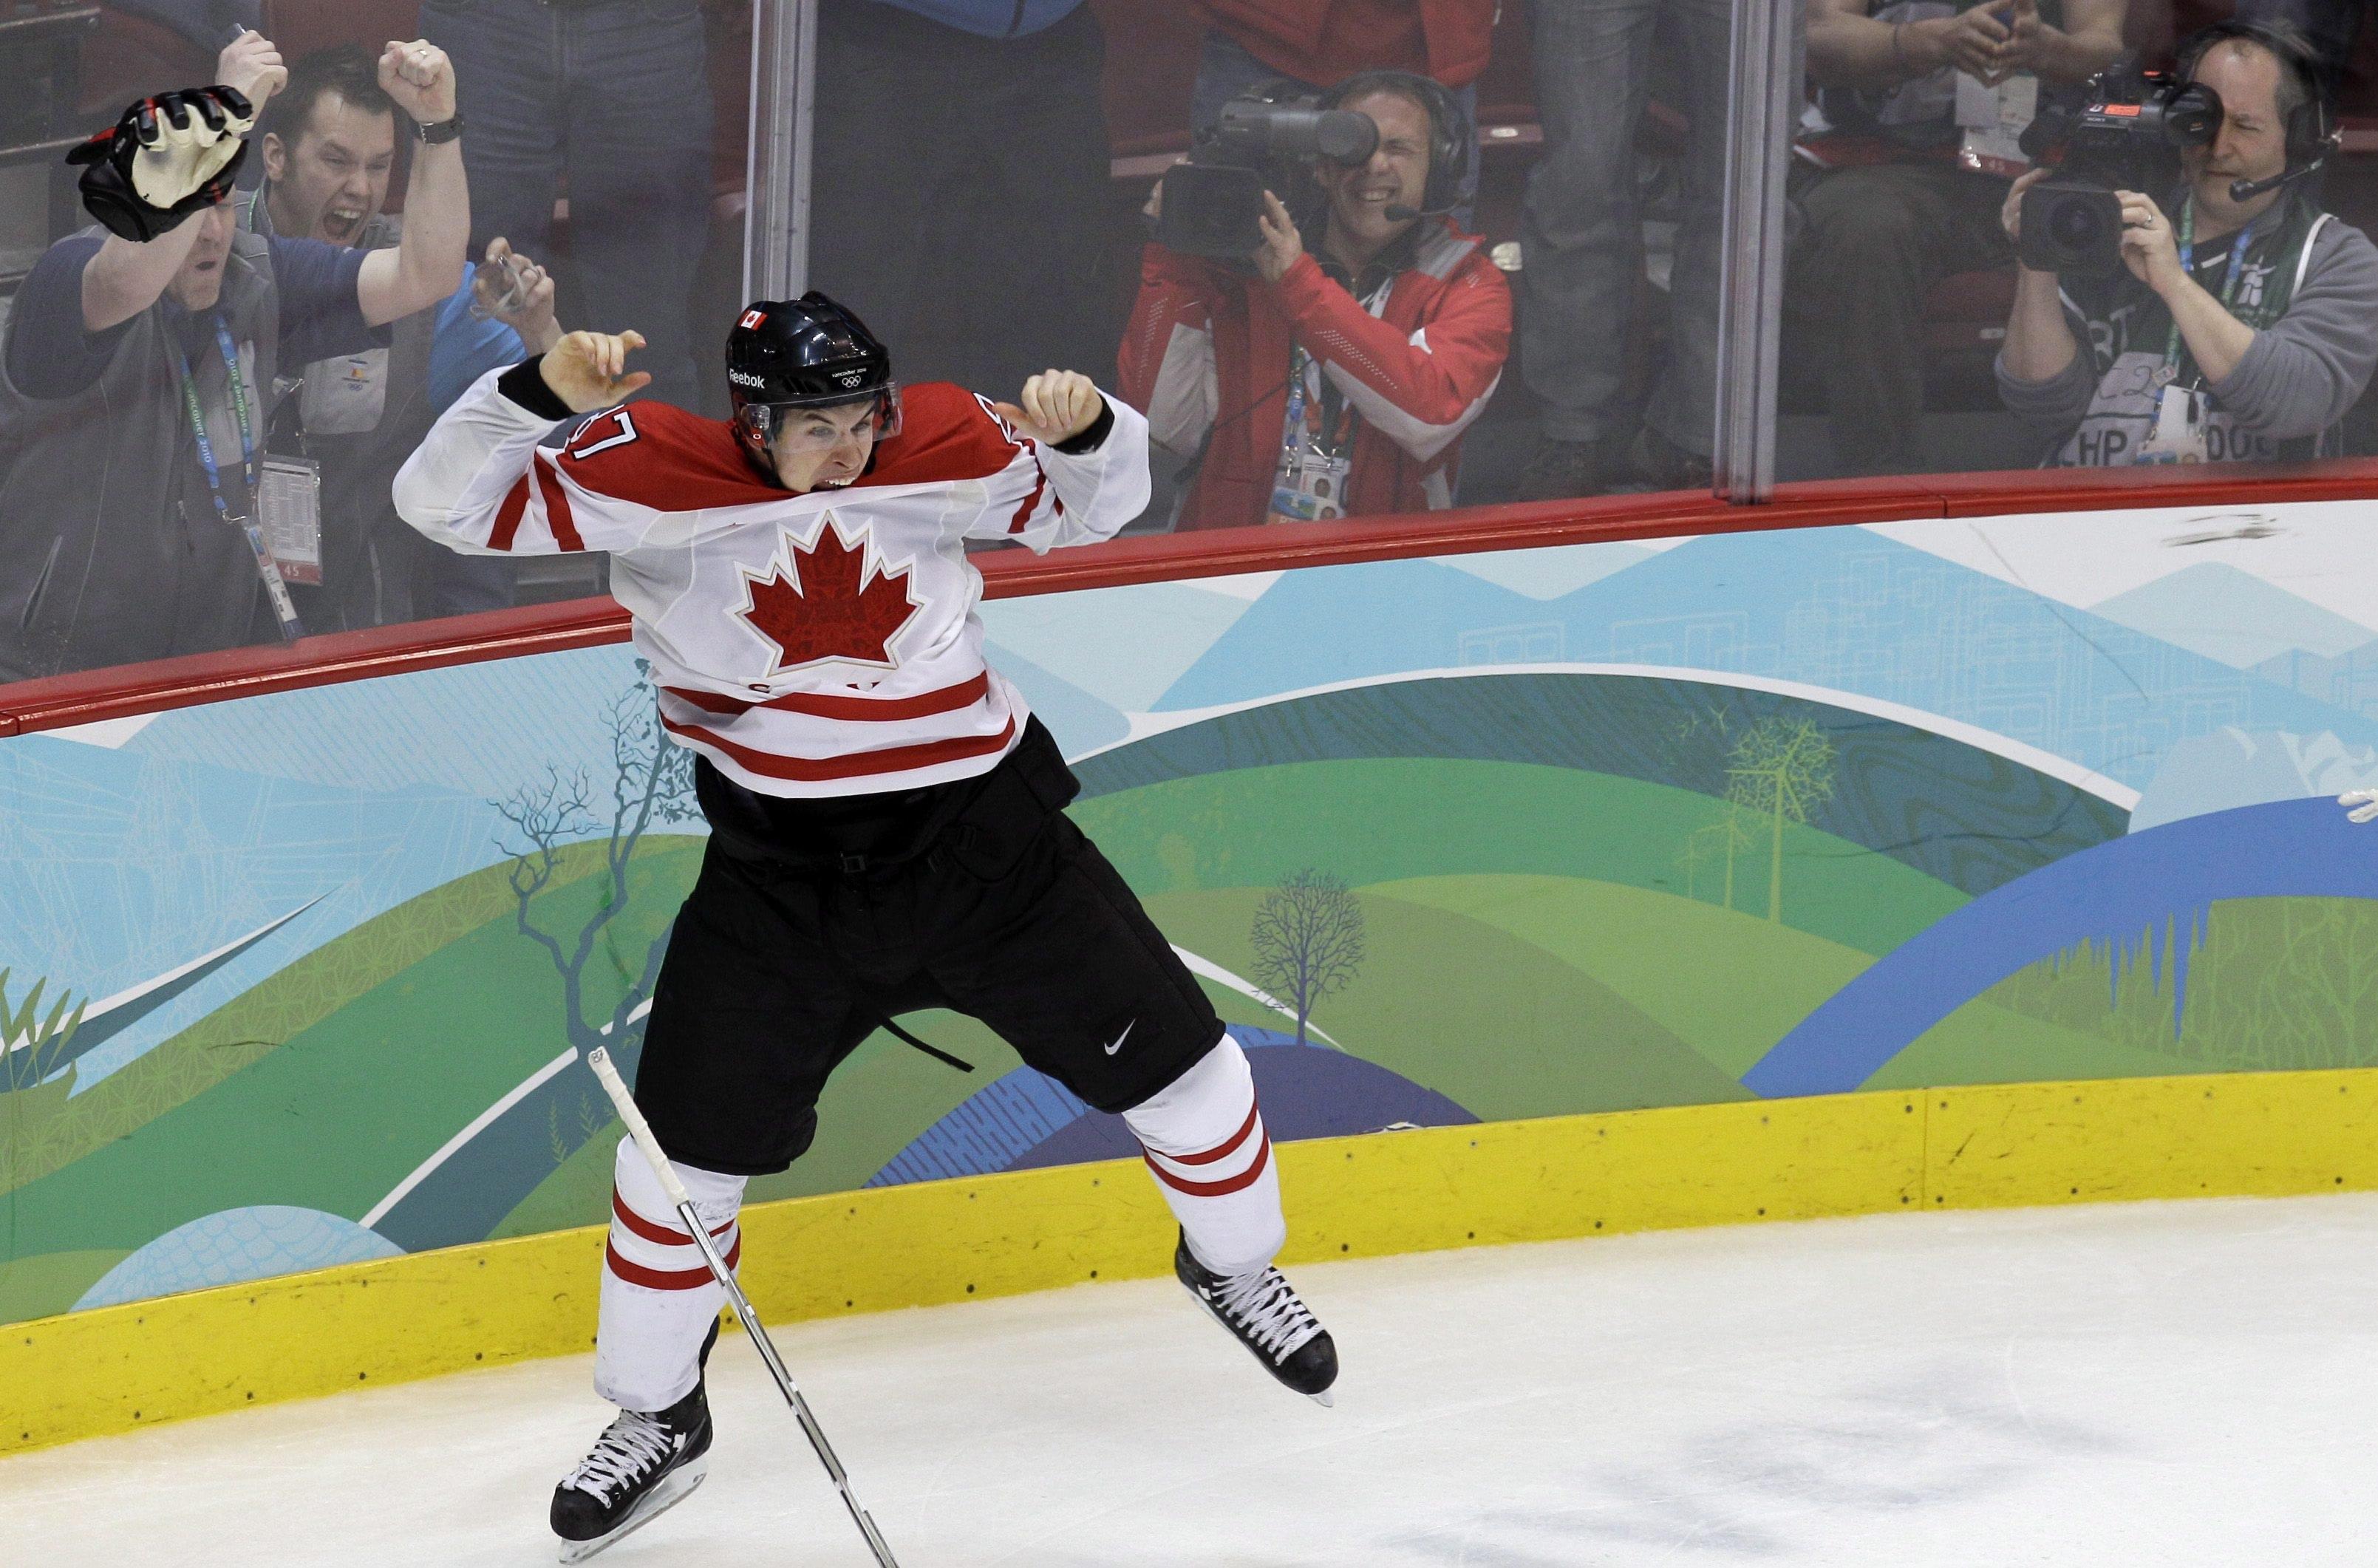 NHL Sochi Olympics Hockey